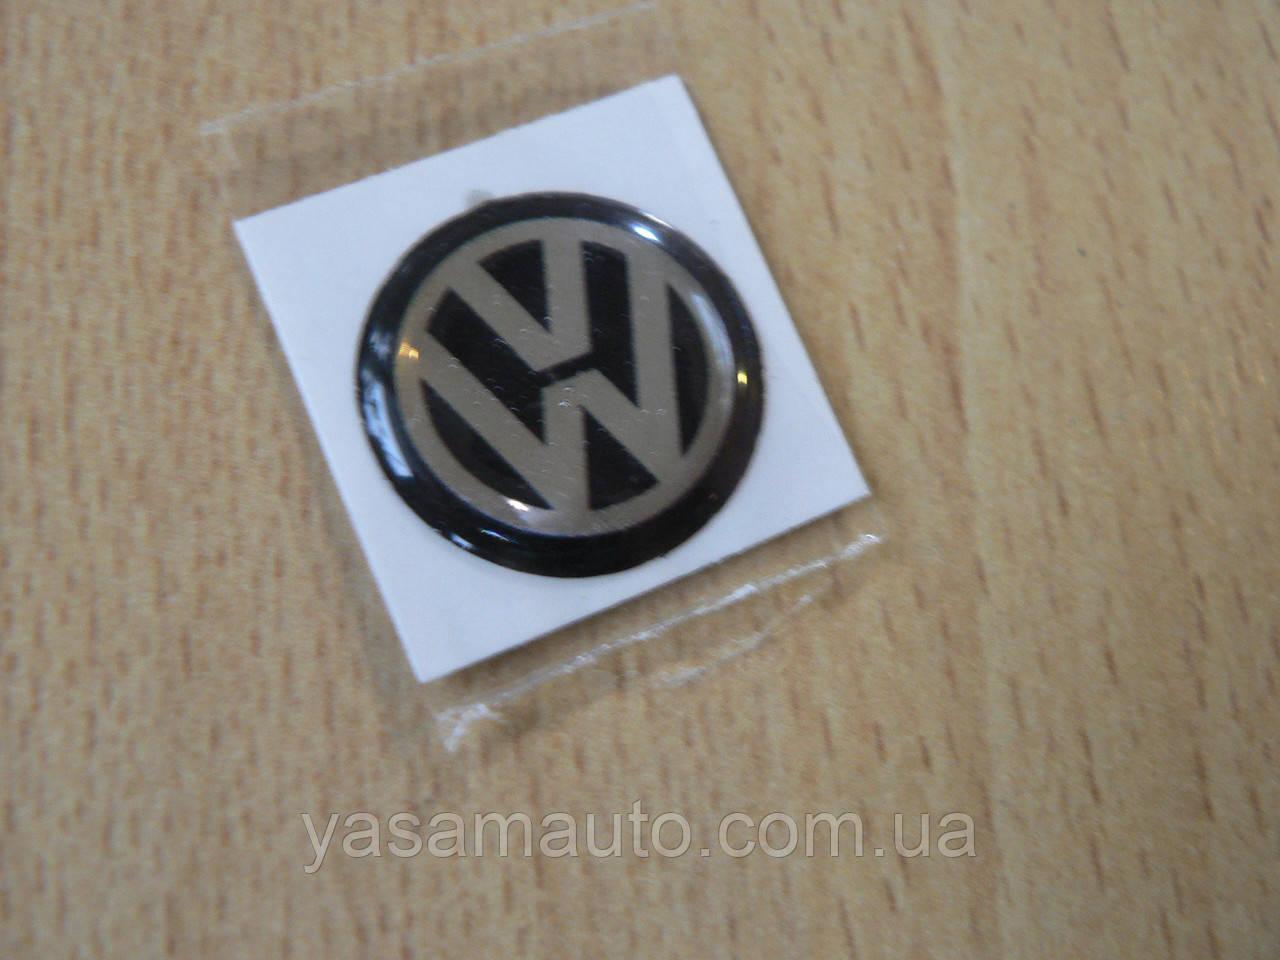 Наклейка s круглая Volkswagen 12х12х1.2мм черный фон силиконовая эмблема в круге на авто Волксваген сигнализац